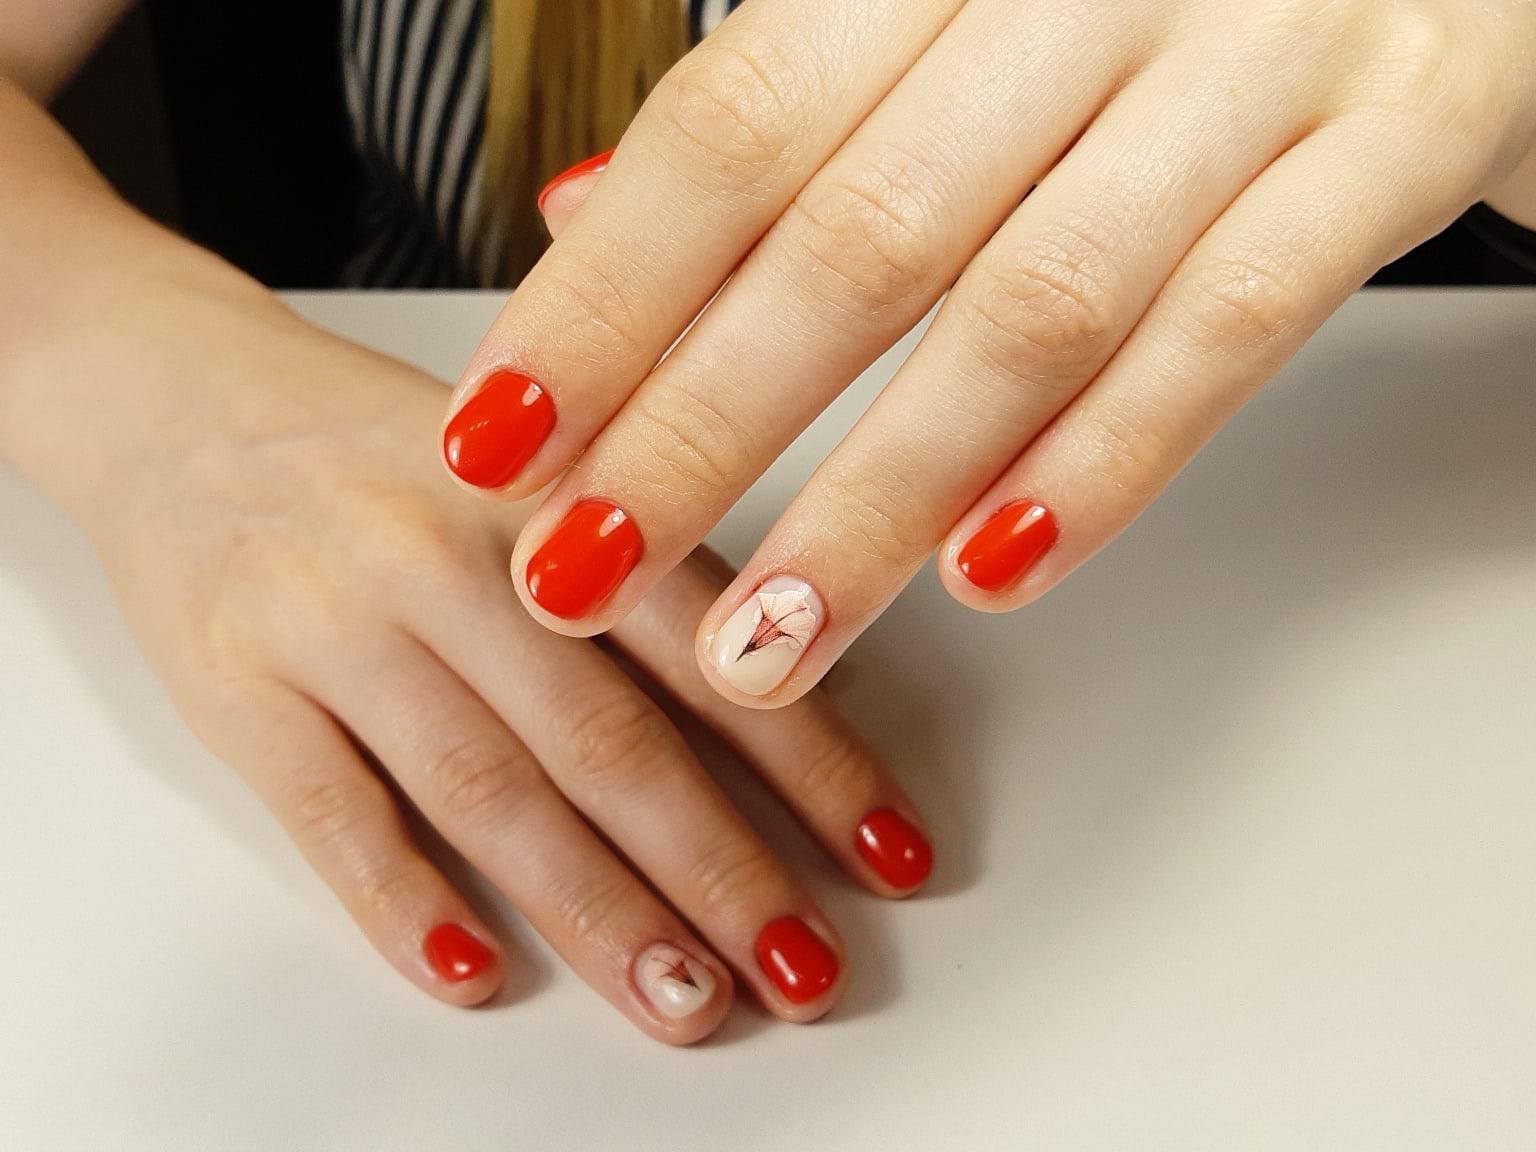 Маникюр с цветочным слайдерами в красном цвете на короткие ногти.